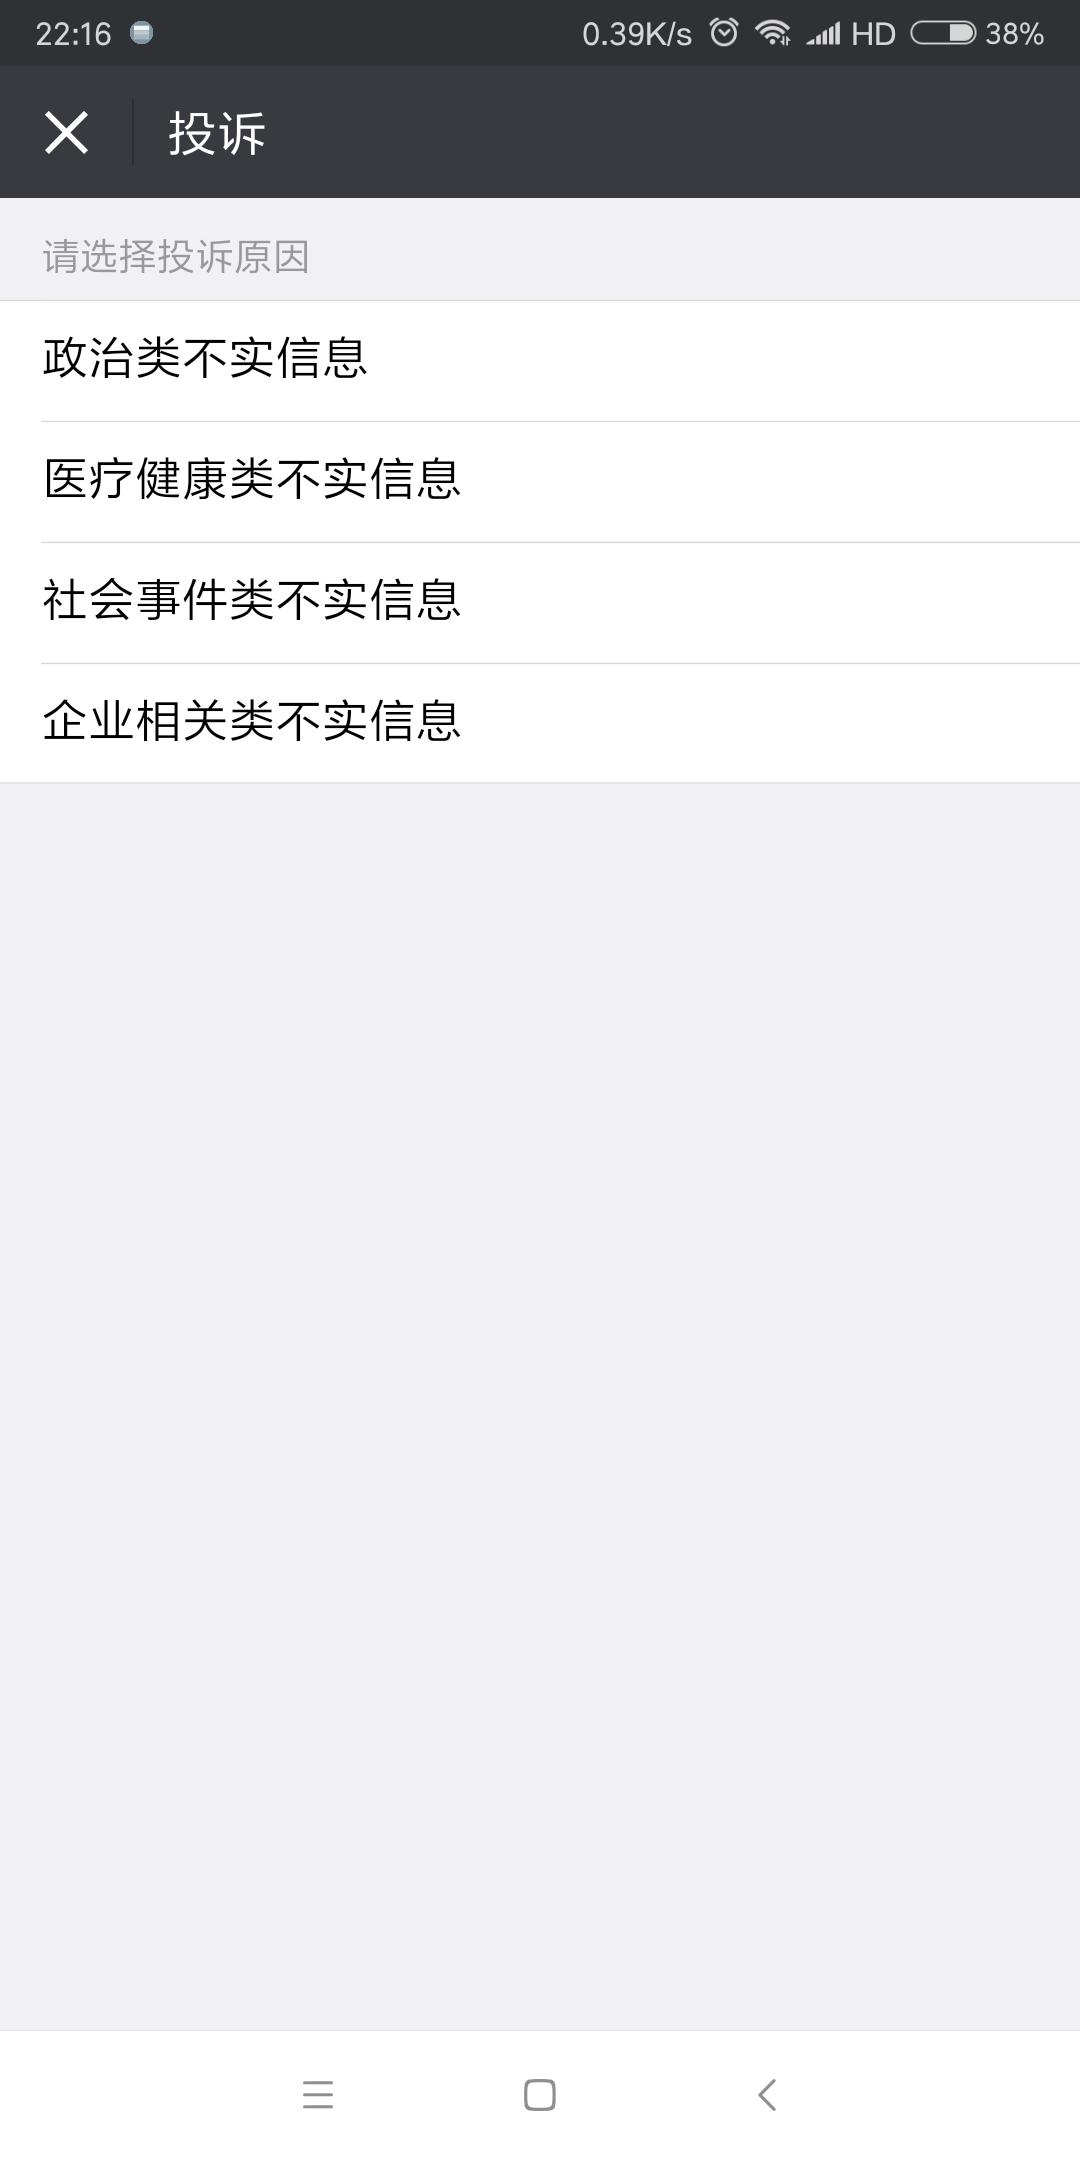 Screenshot_2018-03-26-22-16-34-027_com.tencent.mm.png